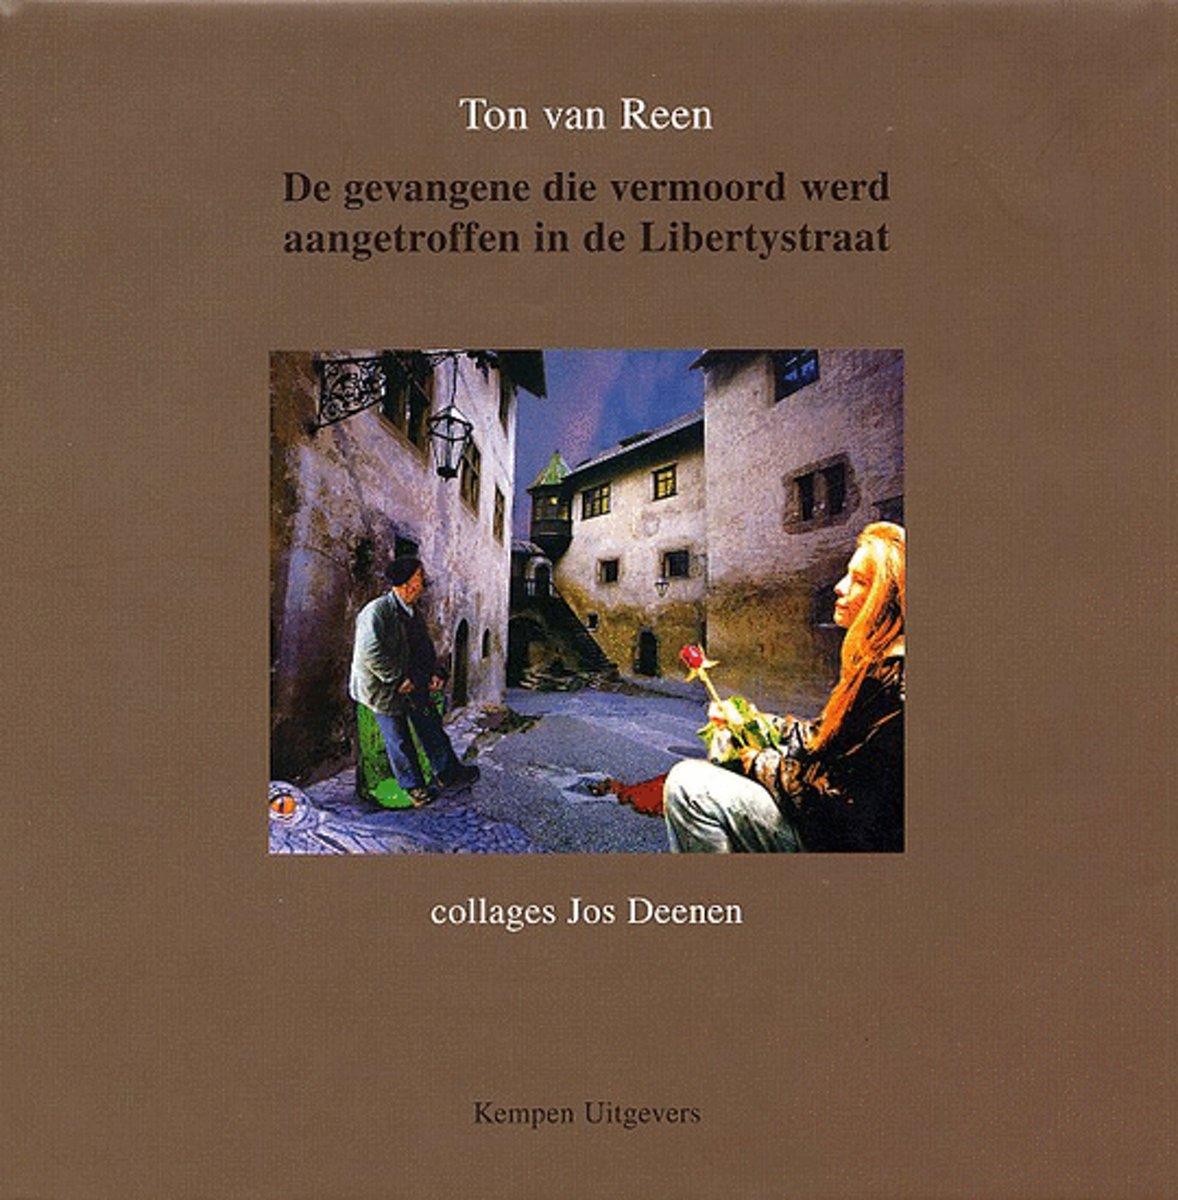 De Gevangene Die Vermoord Werd Aangetroffen In De Libertystraat, Kempen Uitgevers, 2003, Hardcover